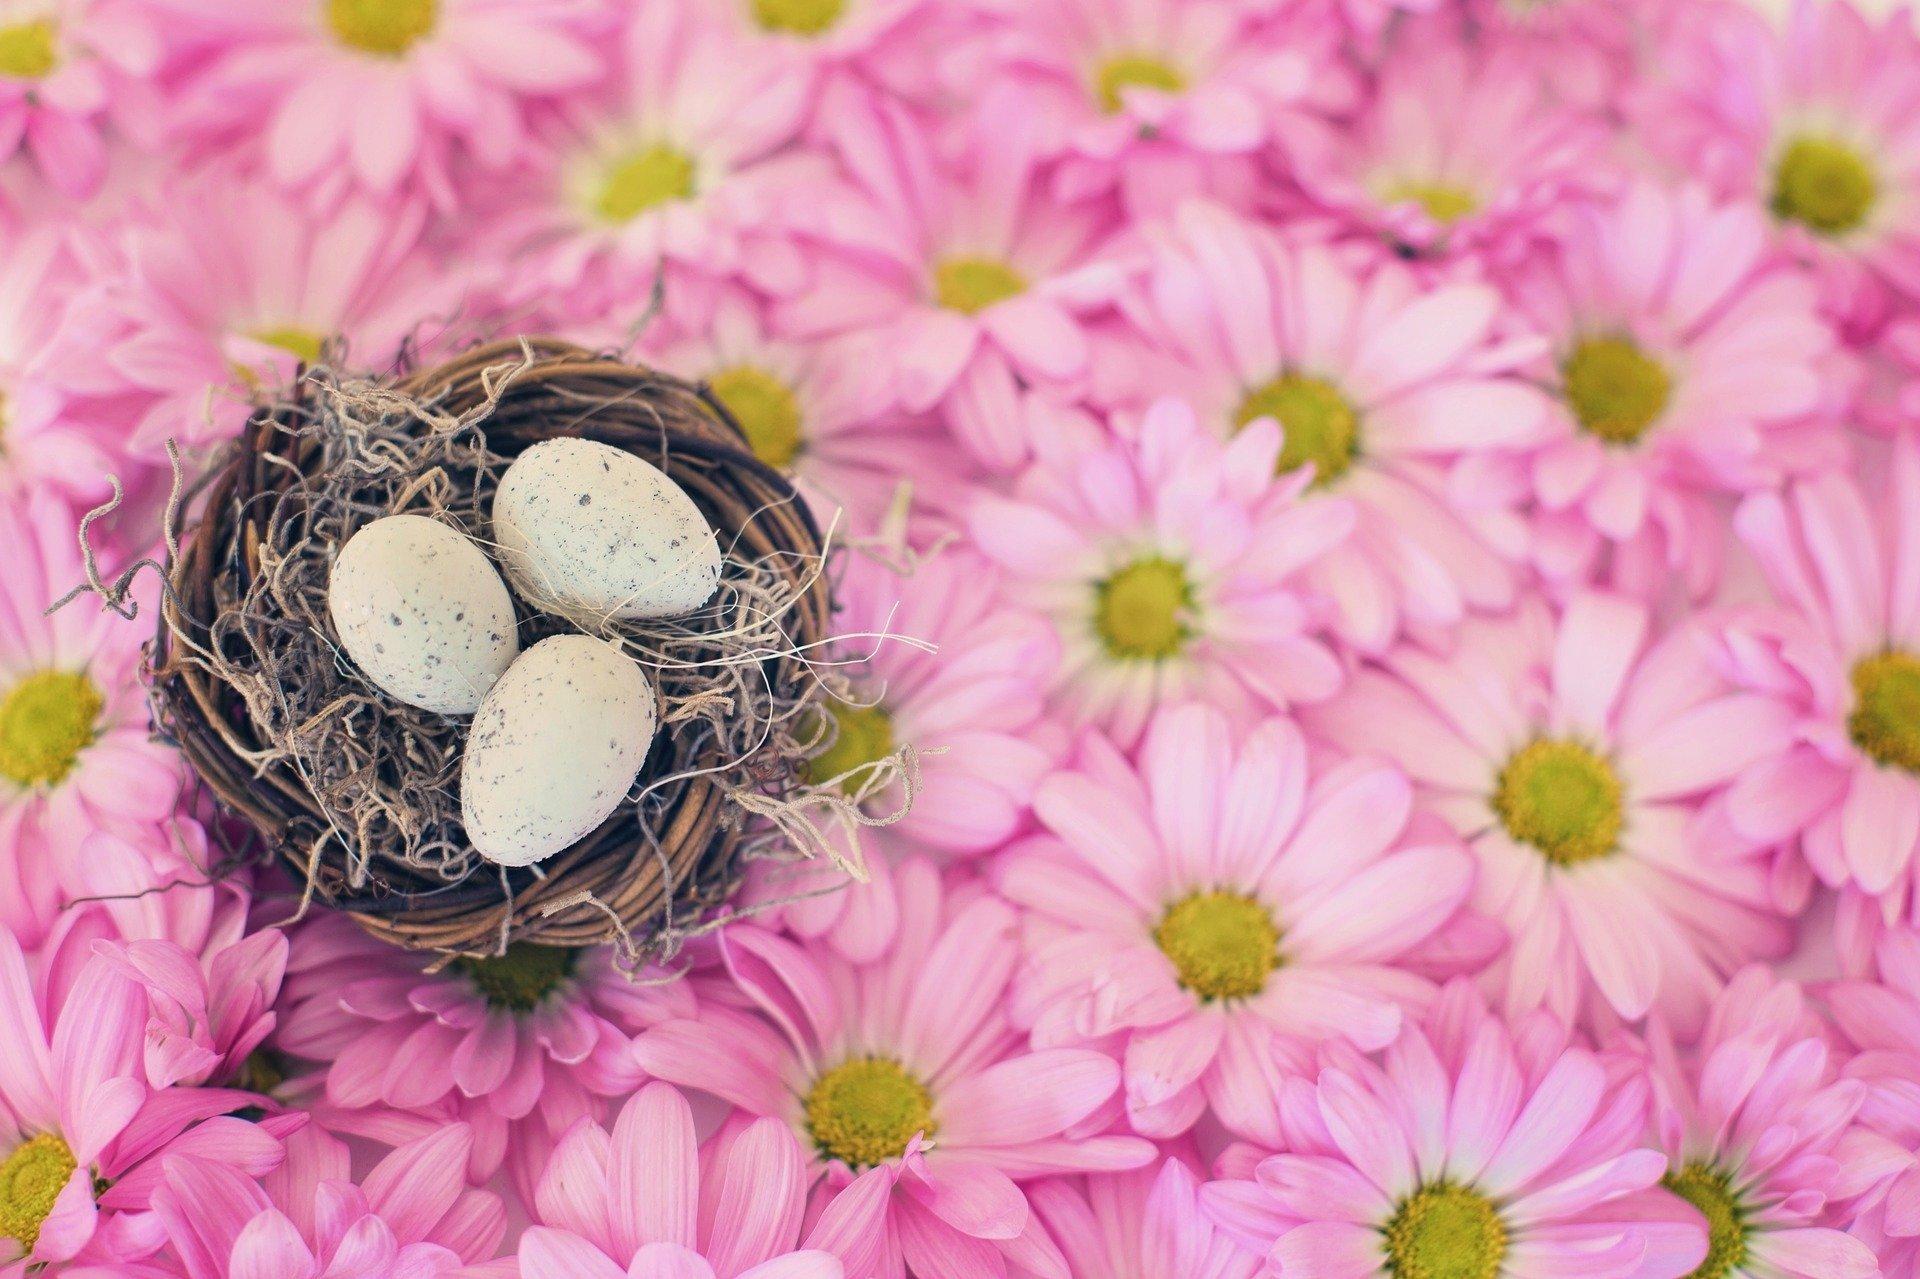 życzenia wielkanocne dla dzieci. Wiersze i piosenki na Wielkanoc